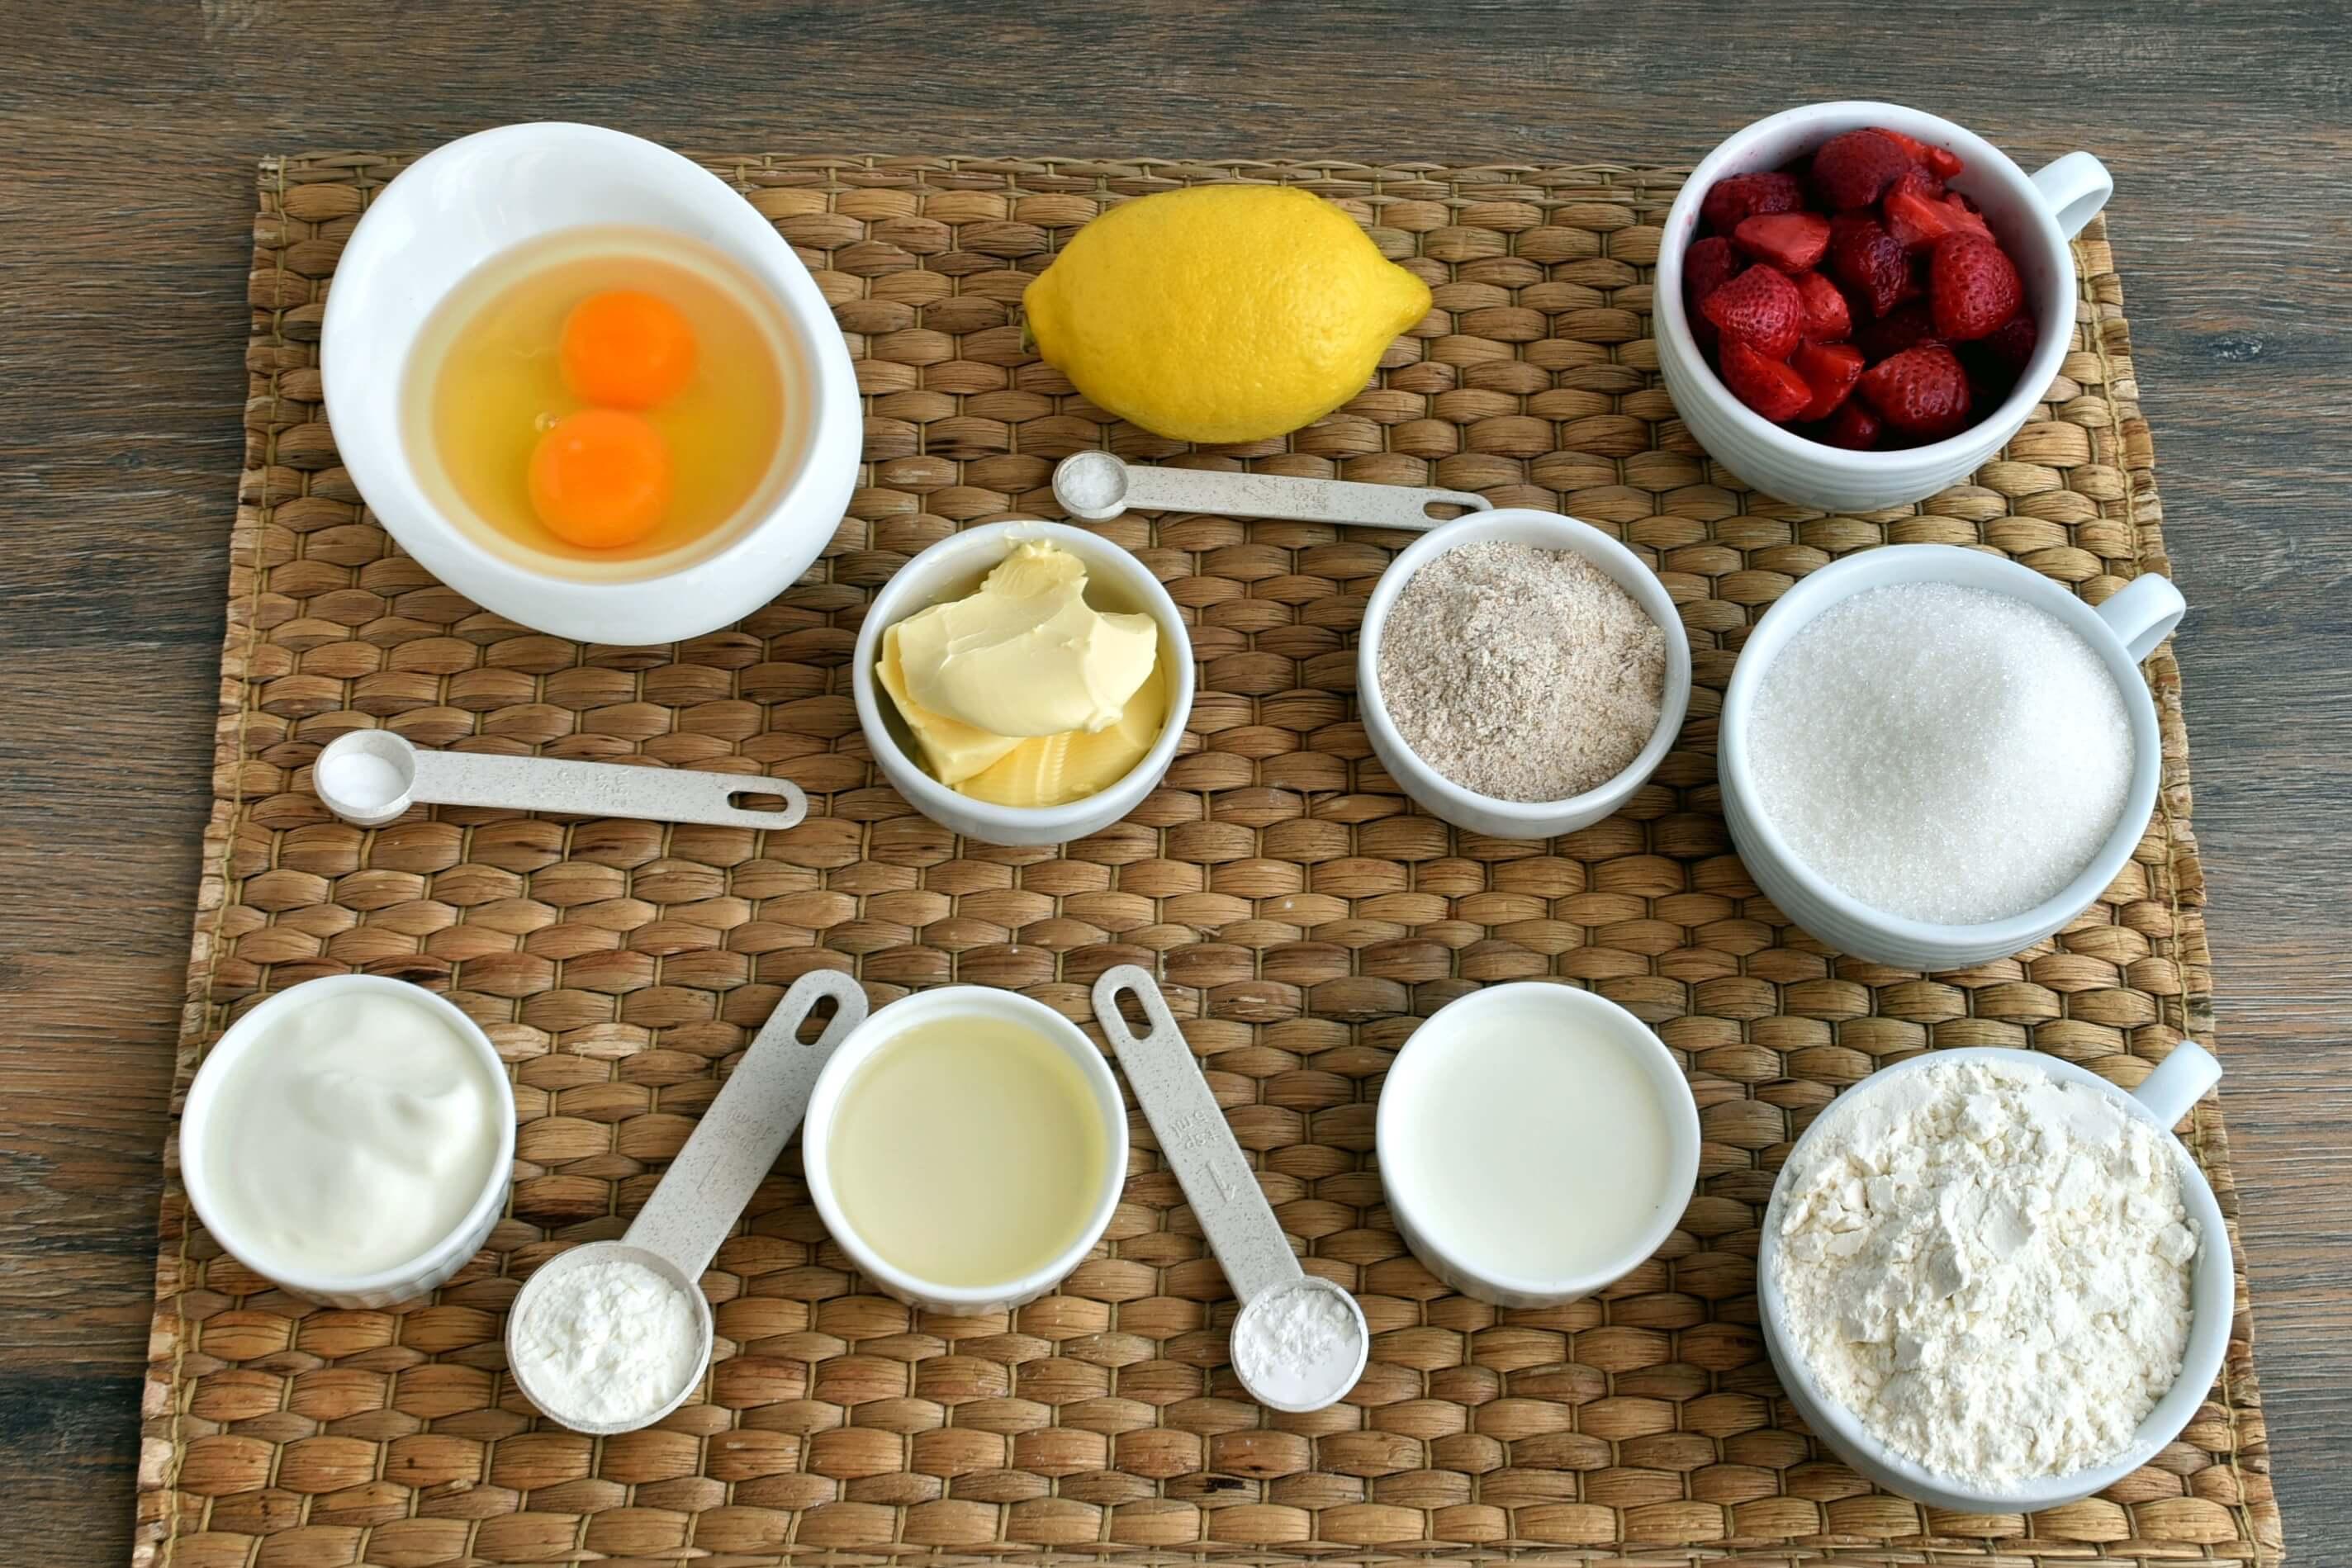 Ingridiens for Pound Cake with Strawberry Glaze